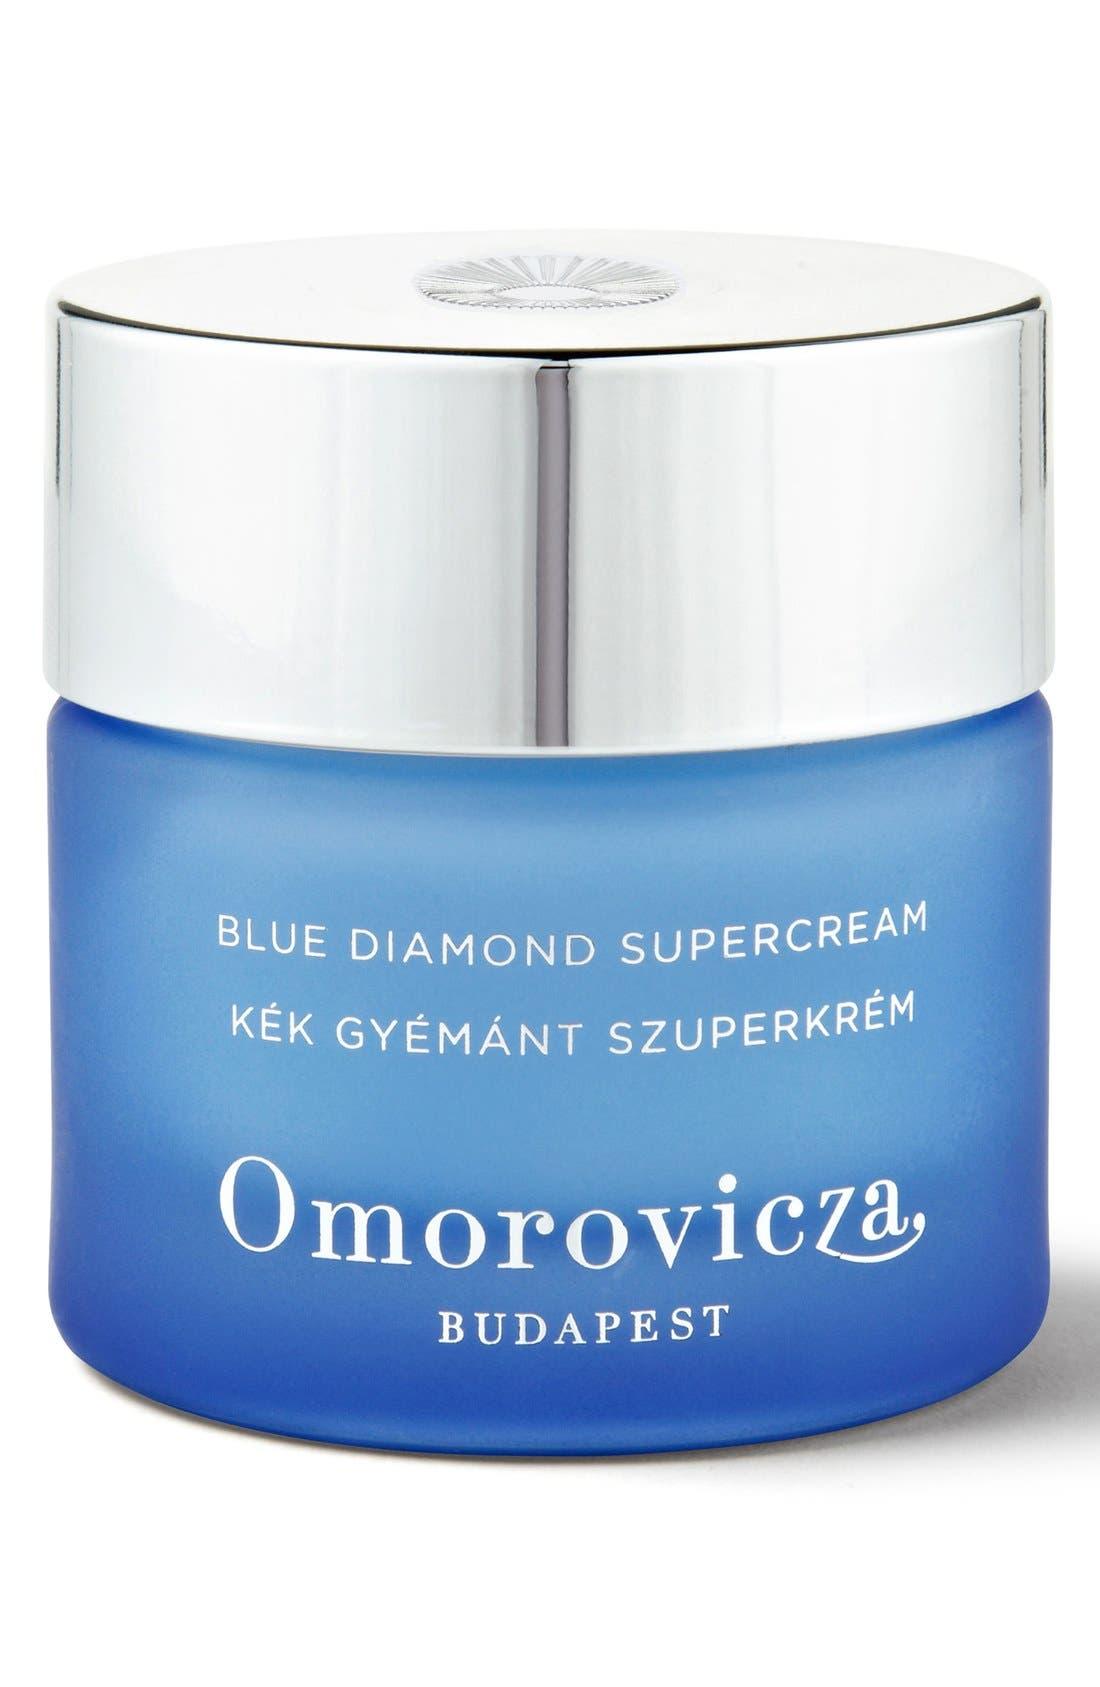 OMOROVICZA,                             Blue Diamond Super Cream,                             Main thumbnail 1, color,                             NO COLOR